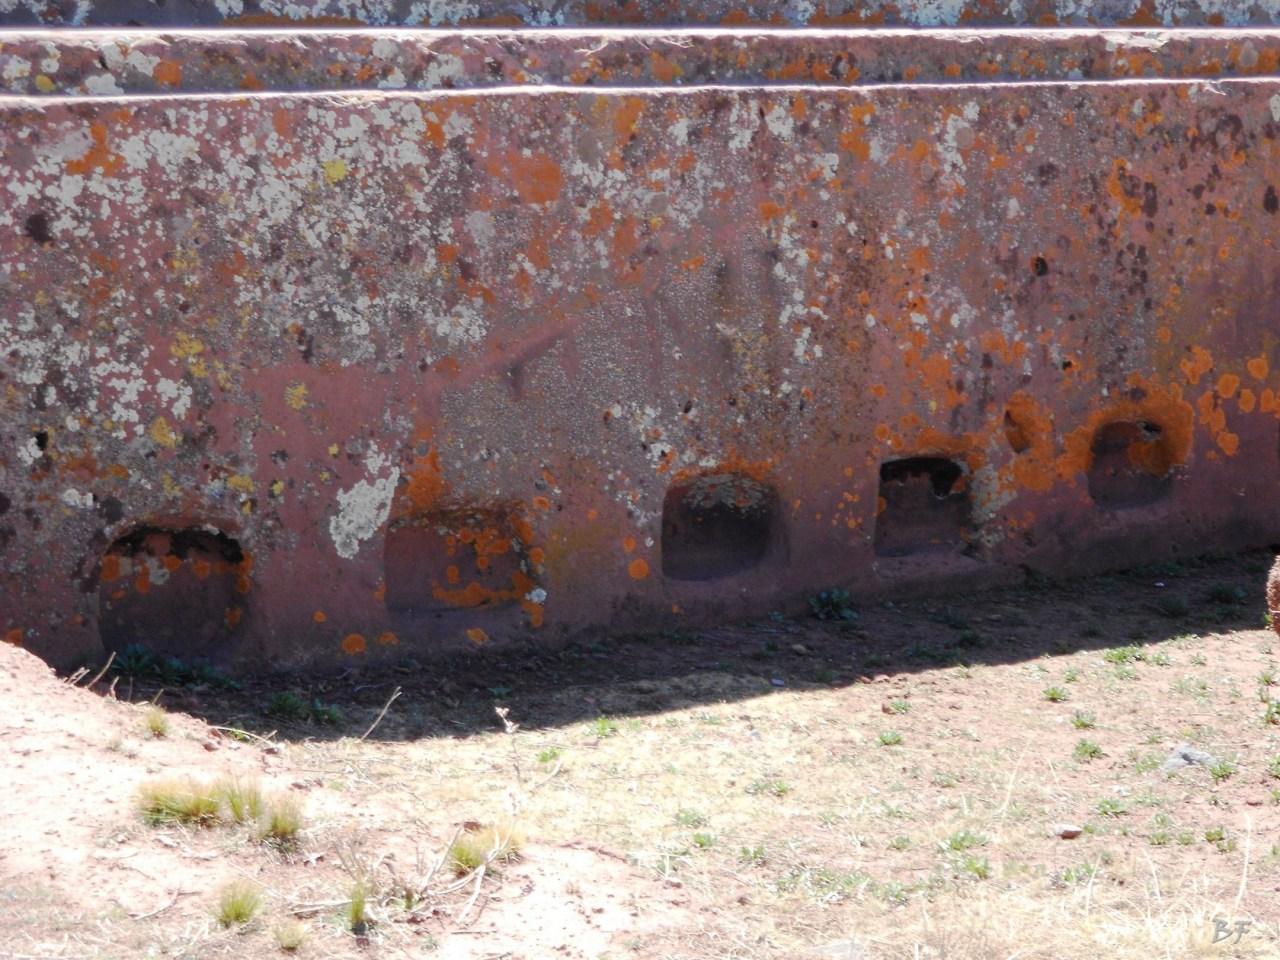 Puma-Punku-Area-Megalitica-Mura-Poligonali-Megaliti-Tiwanaku-Tiahuanaco-Bolivia-49